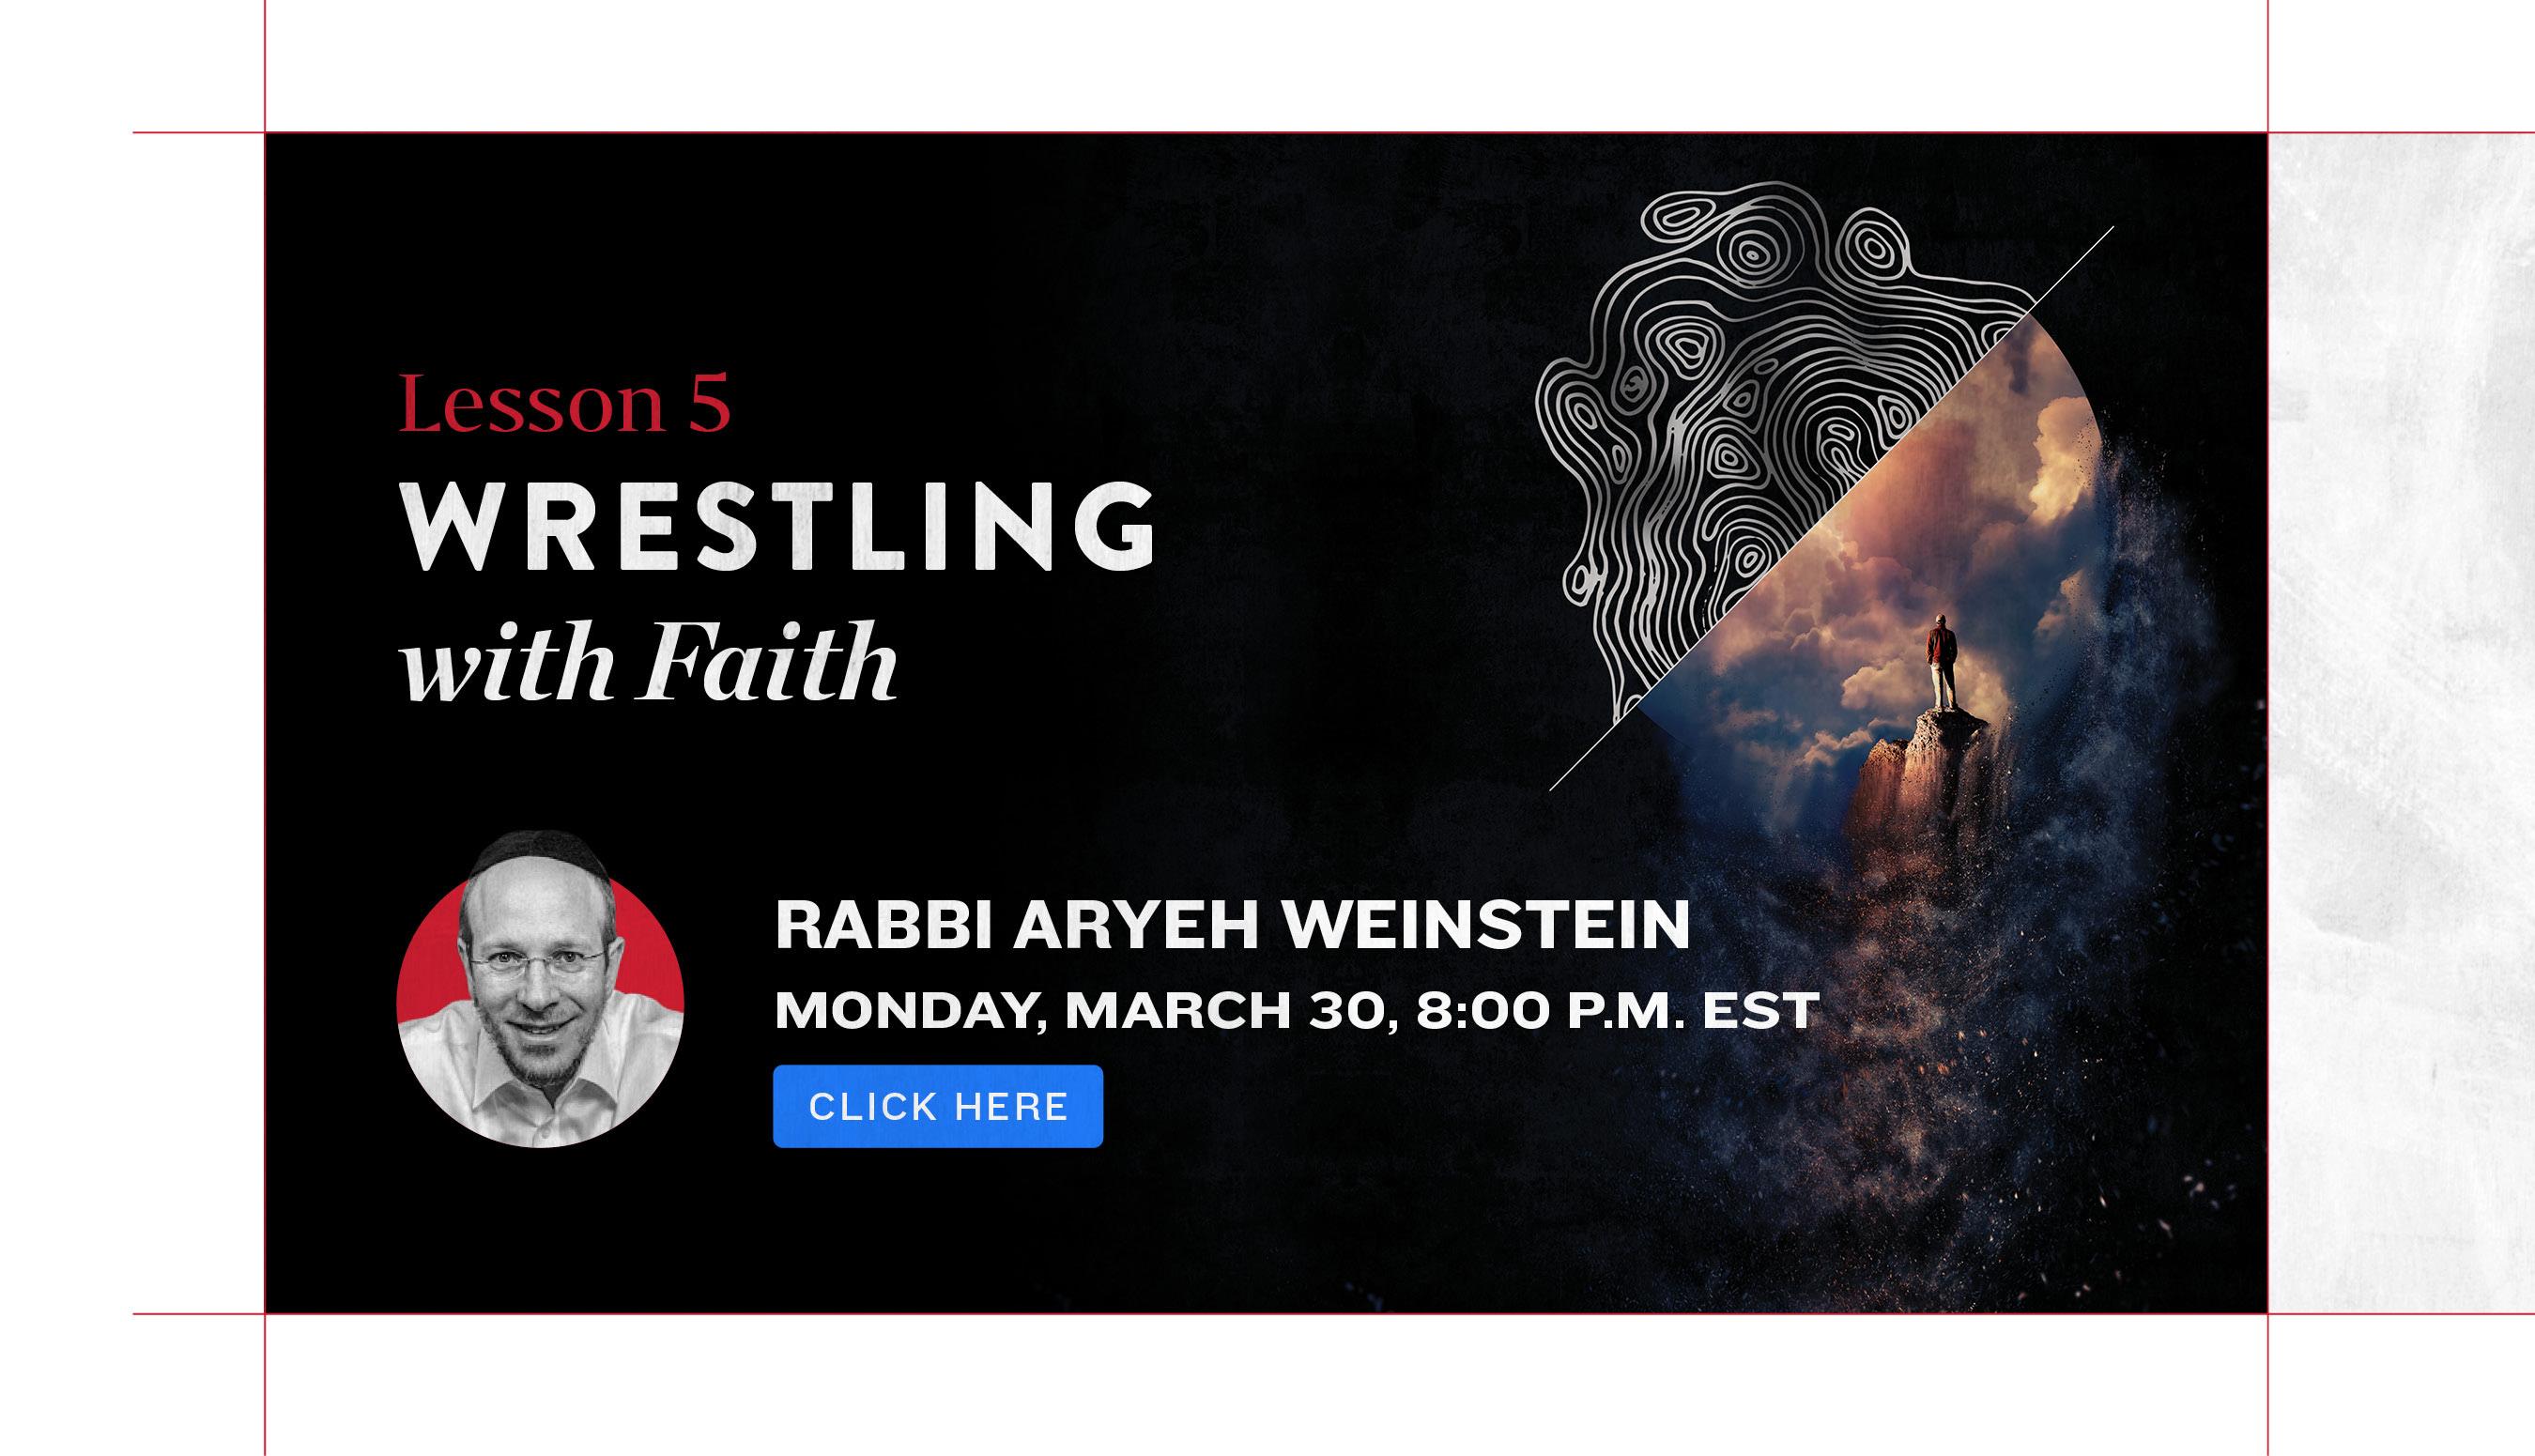 Wrestling wit Faith Lesson 5. Rabbi Aryeh Weinstein